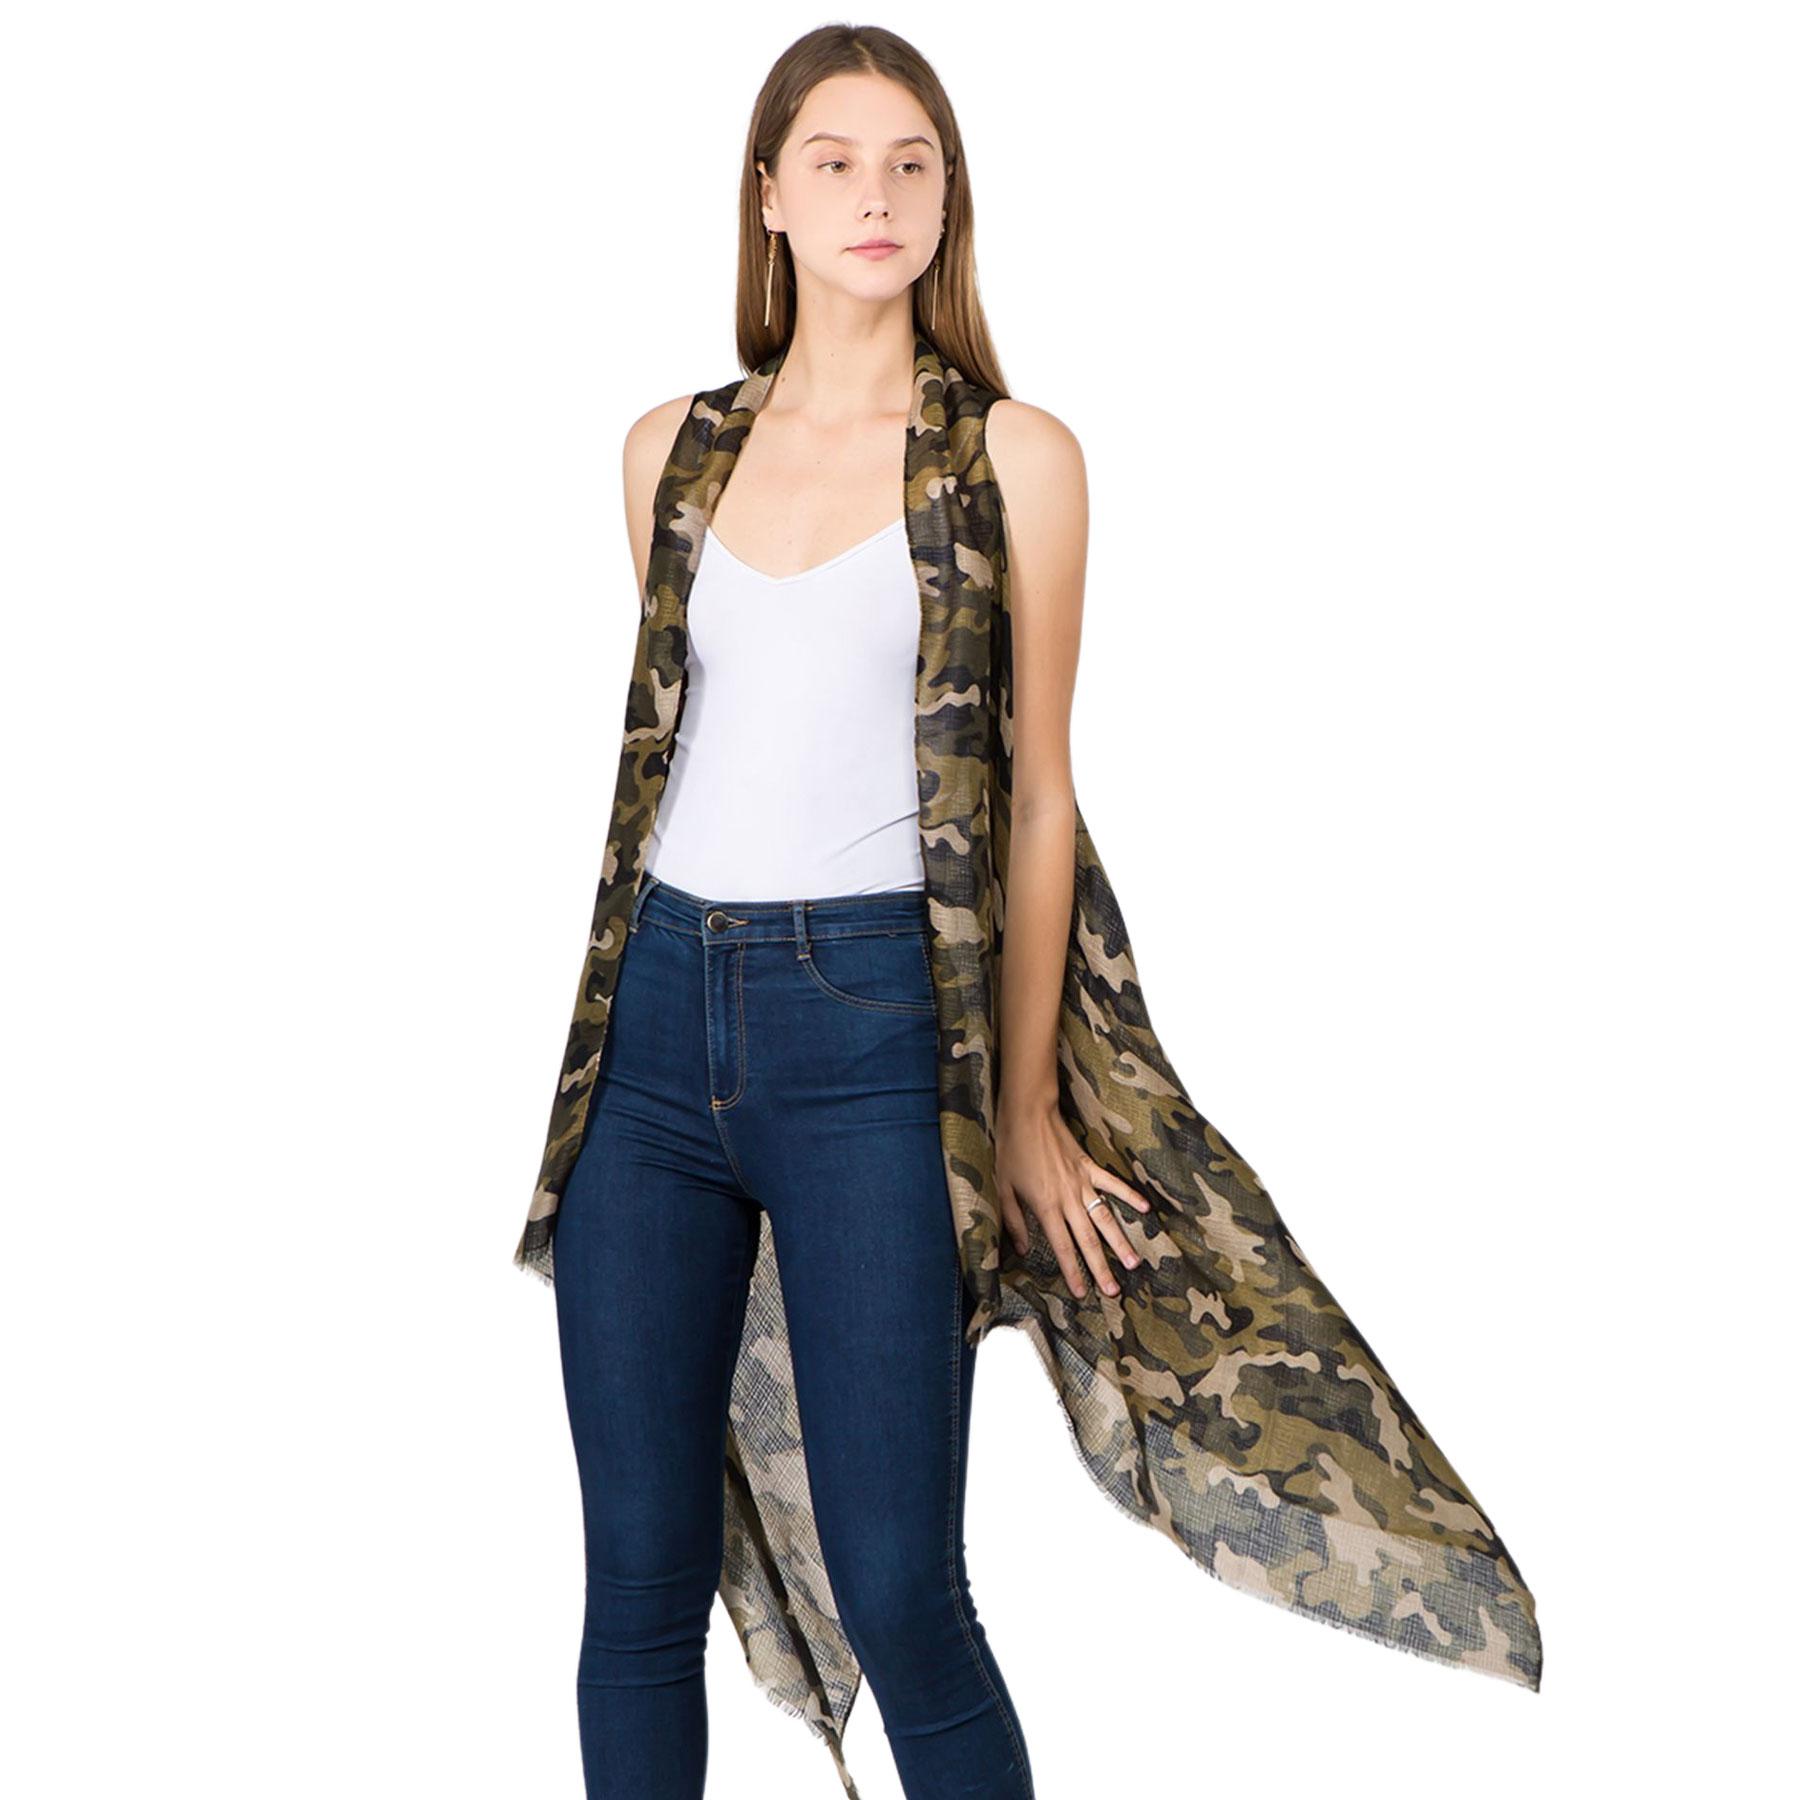 Vest - Camouflage Print 1C67